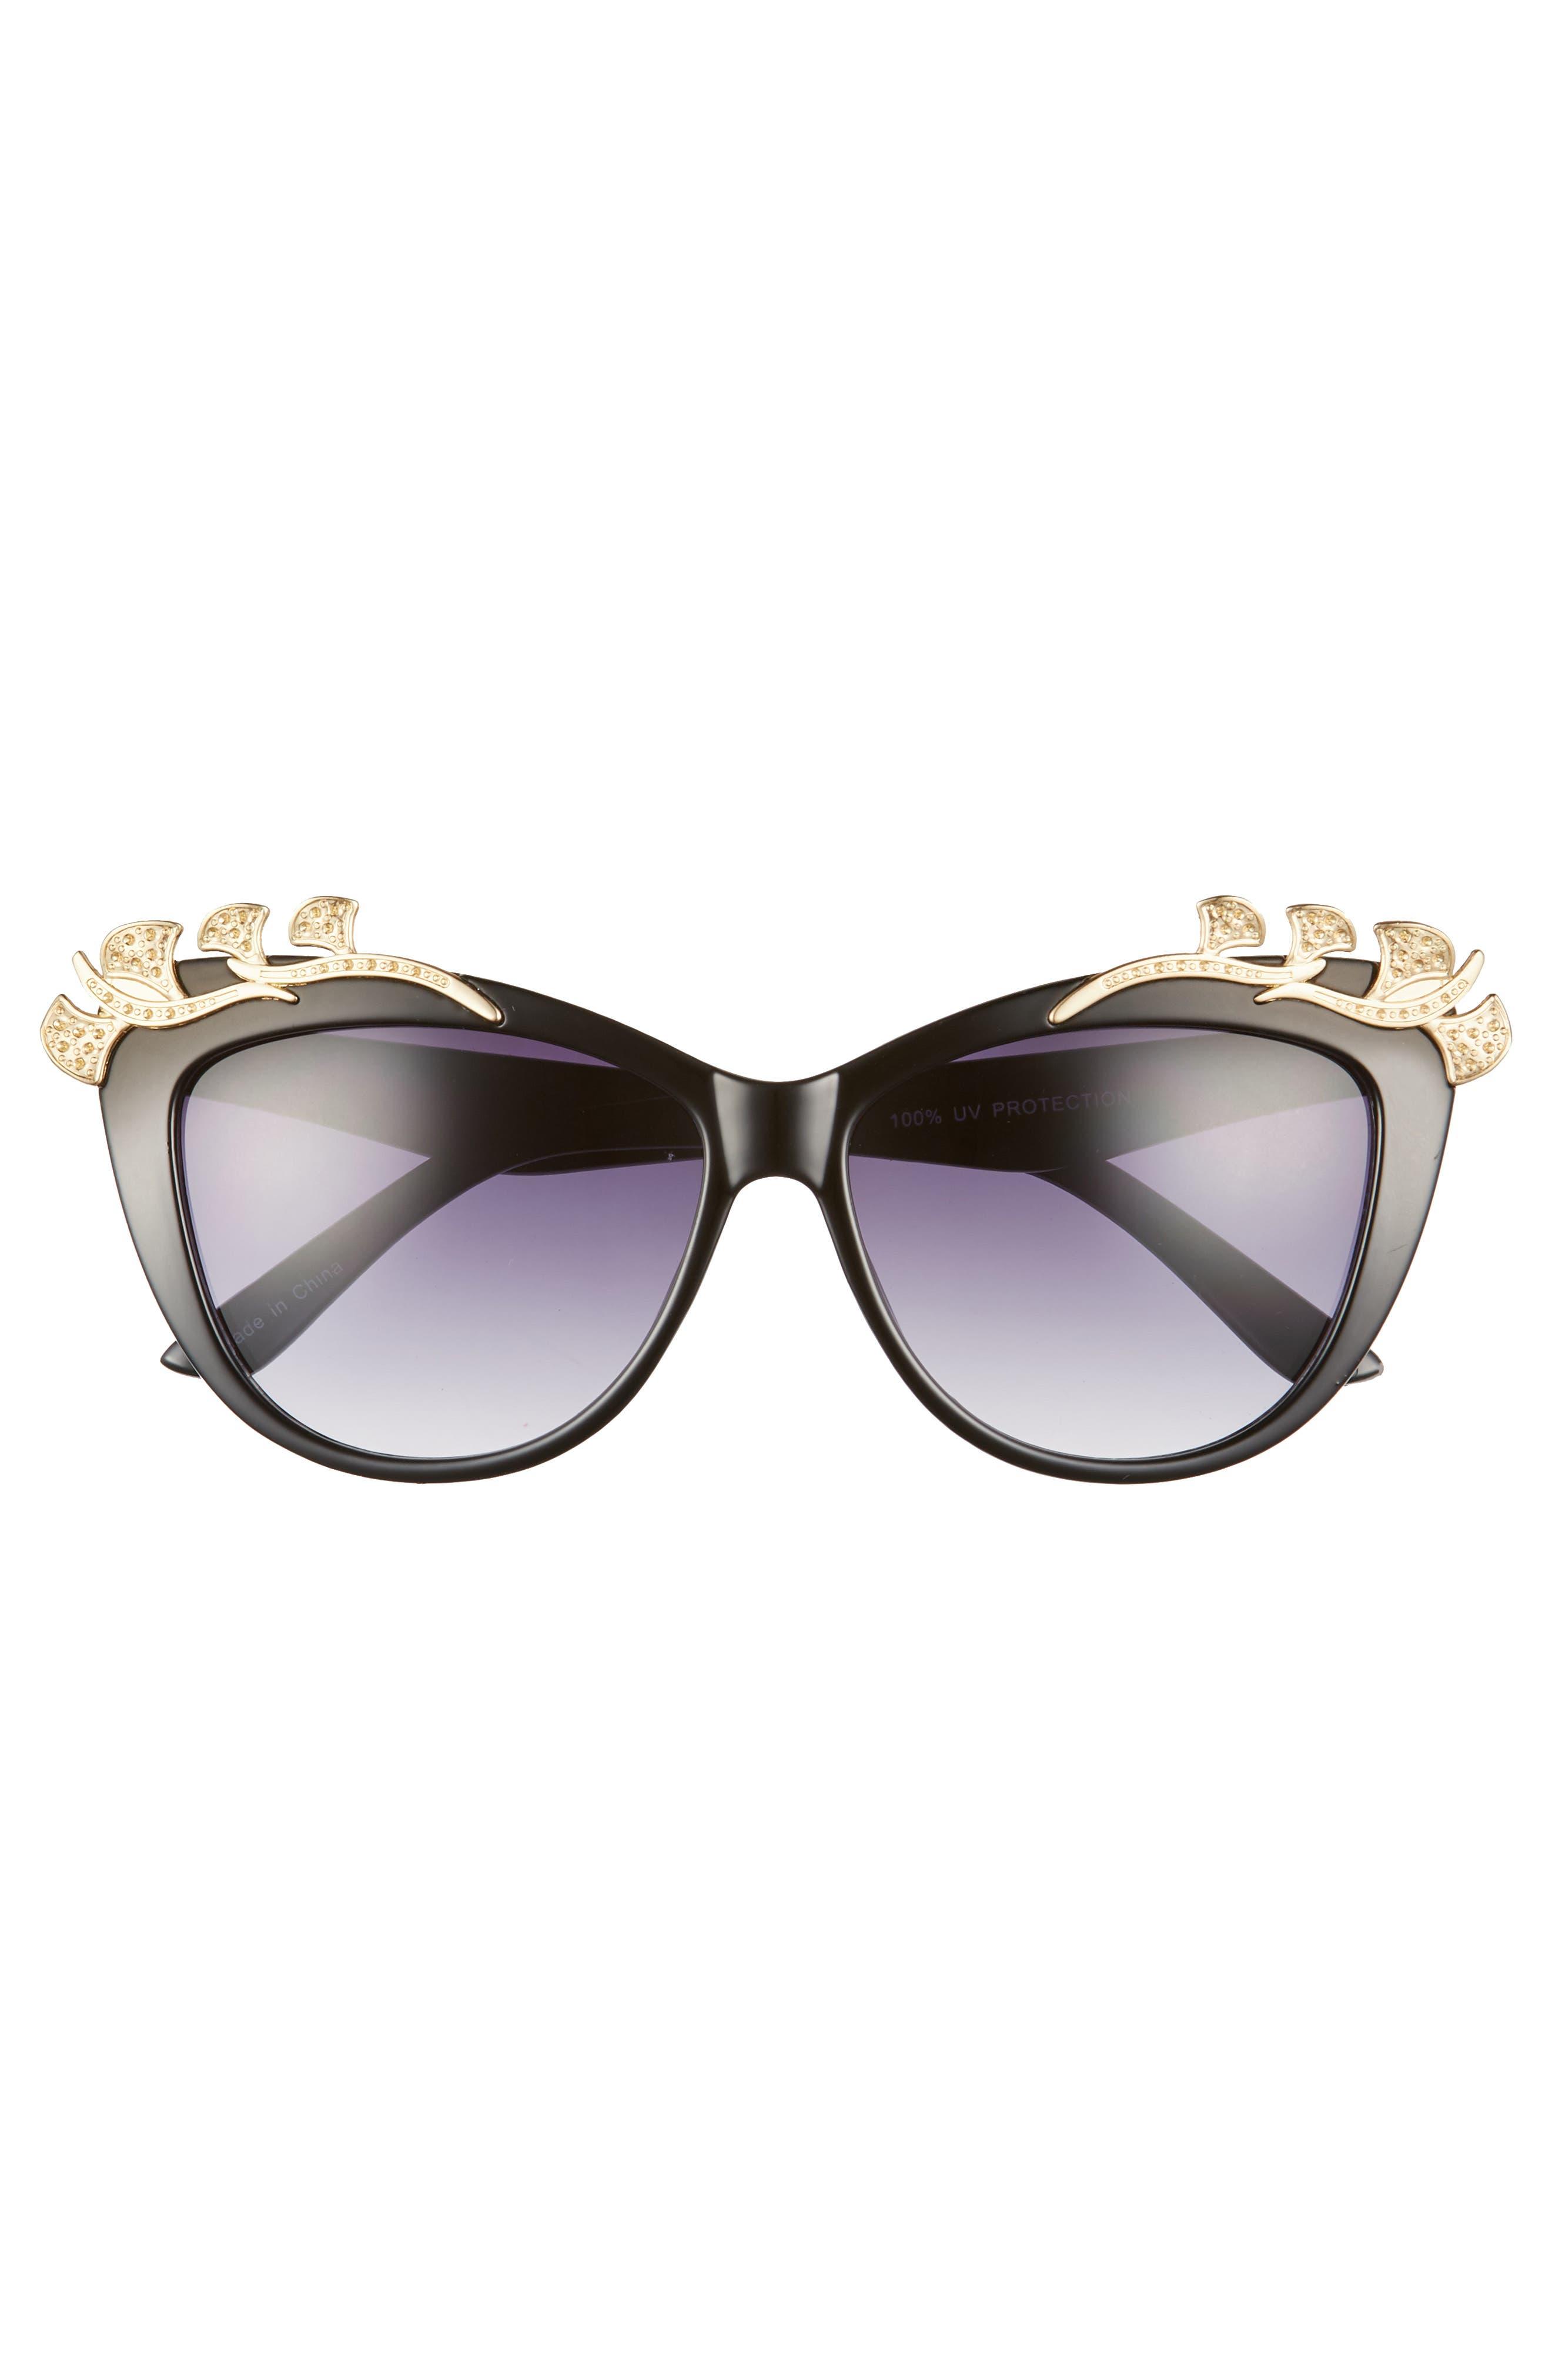 57mm Embellished Sunglasses,                             Alternate thumbnail 3, color,                             Black/ Gold